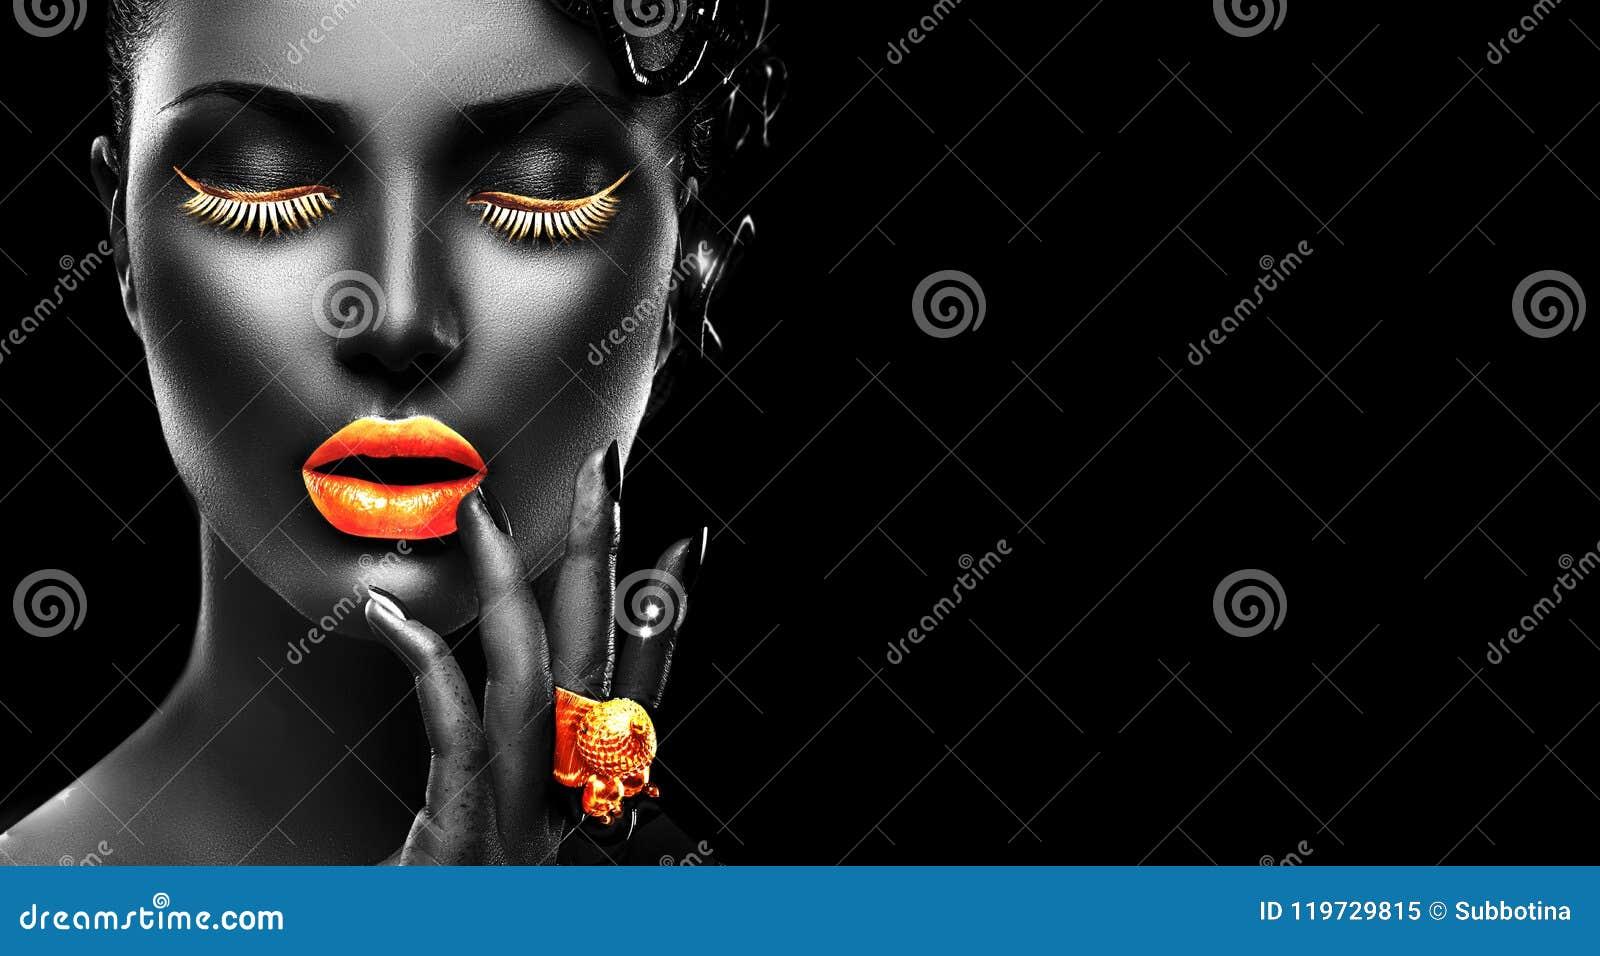 Фотомодель с черной кожей, золотыми губами, ресницами и украшениями - золотым кольцом в наличии На черной предпосылке